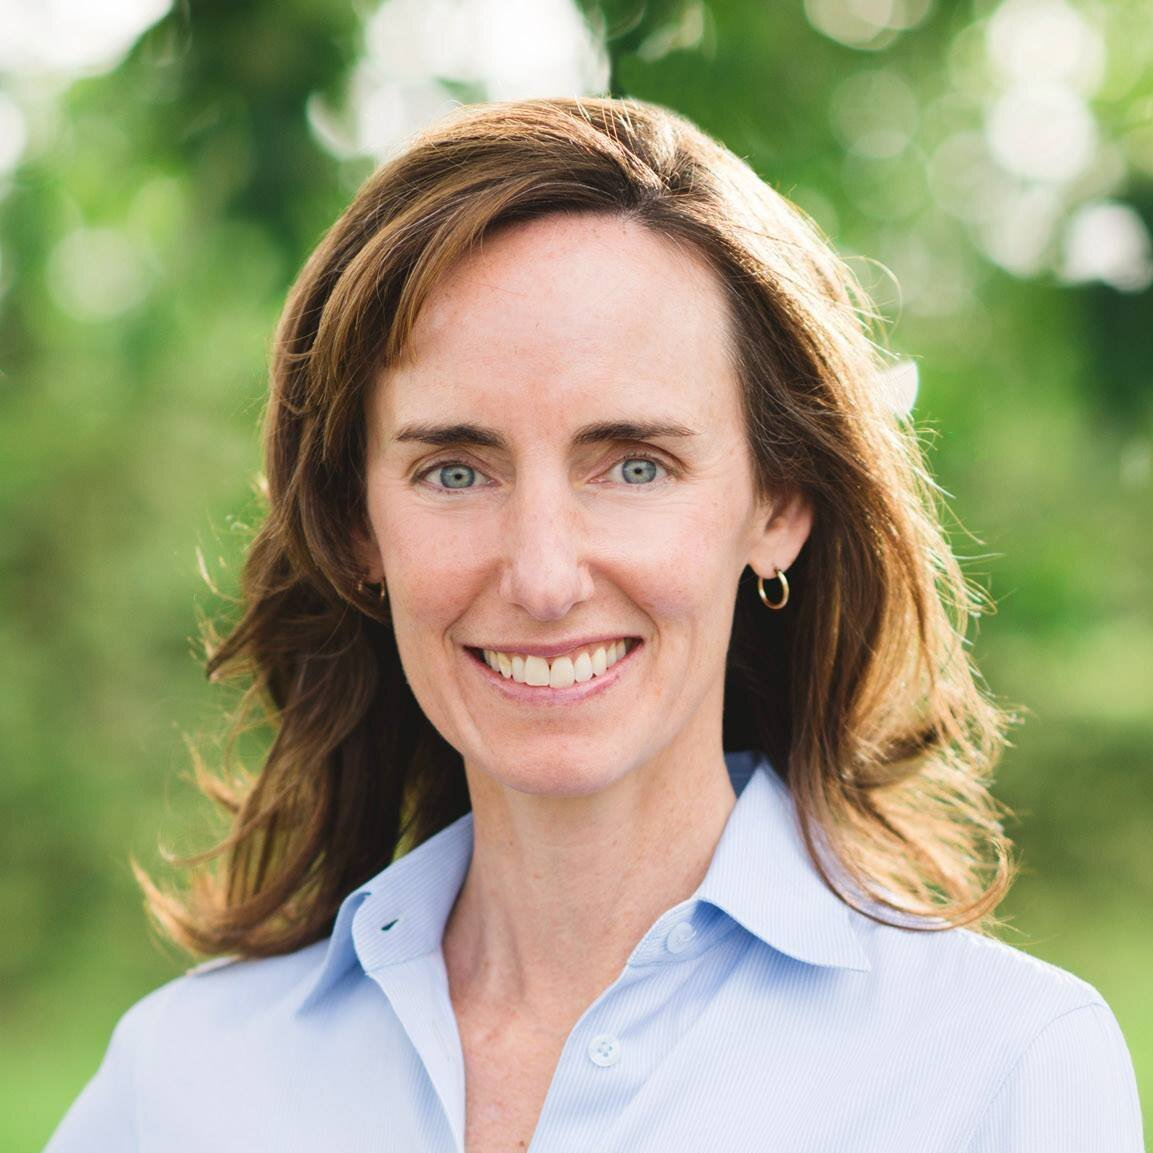 Jacqueline Carter |  Potential Project   Workshop:  Leadership